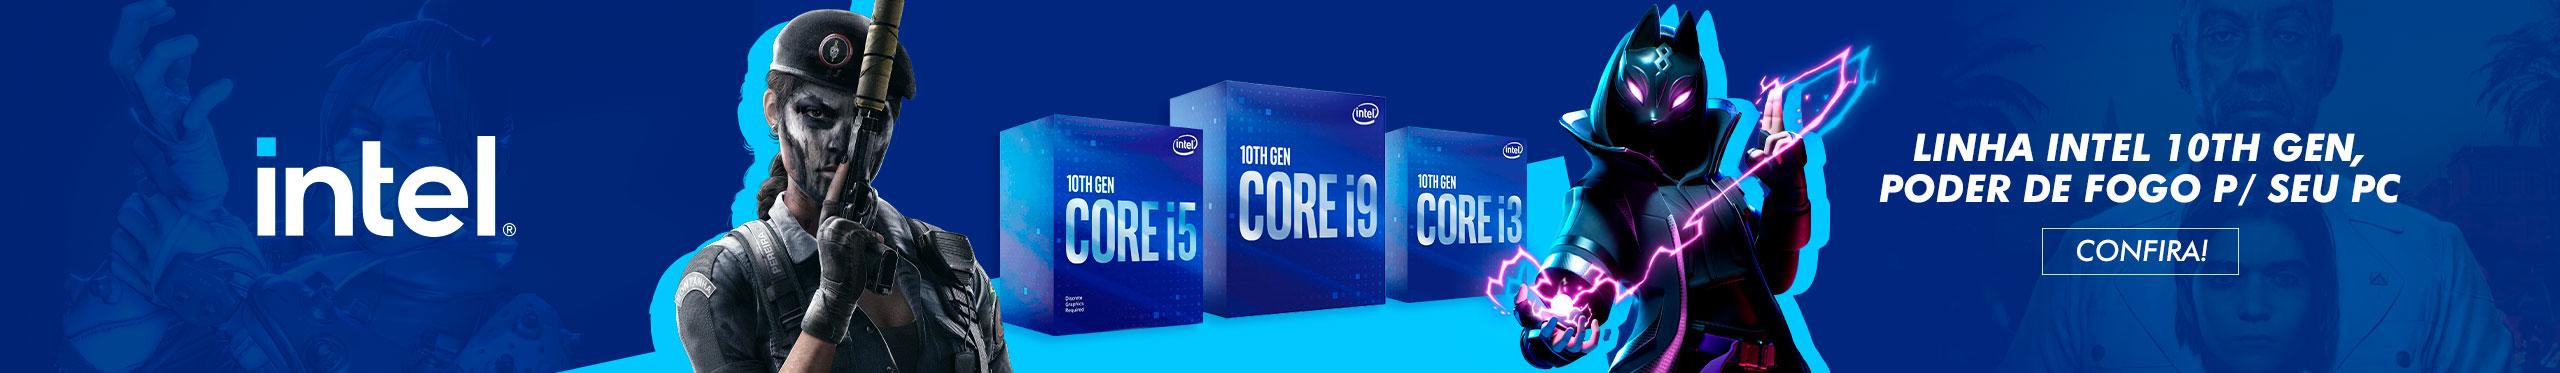 Intel 10th Geração - Julho 2021